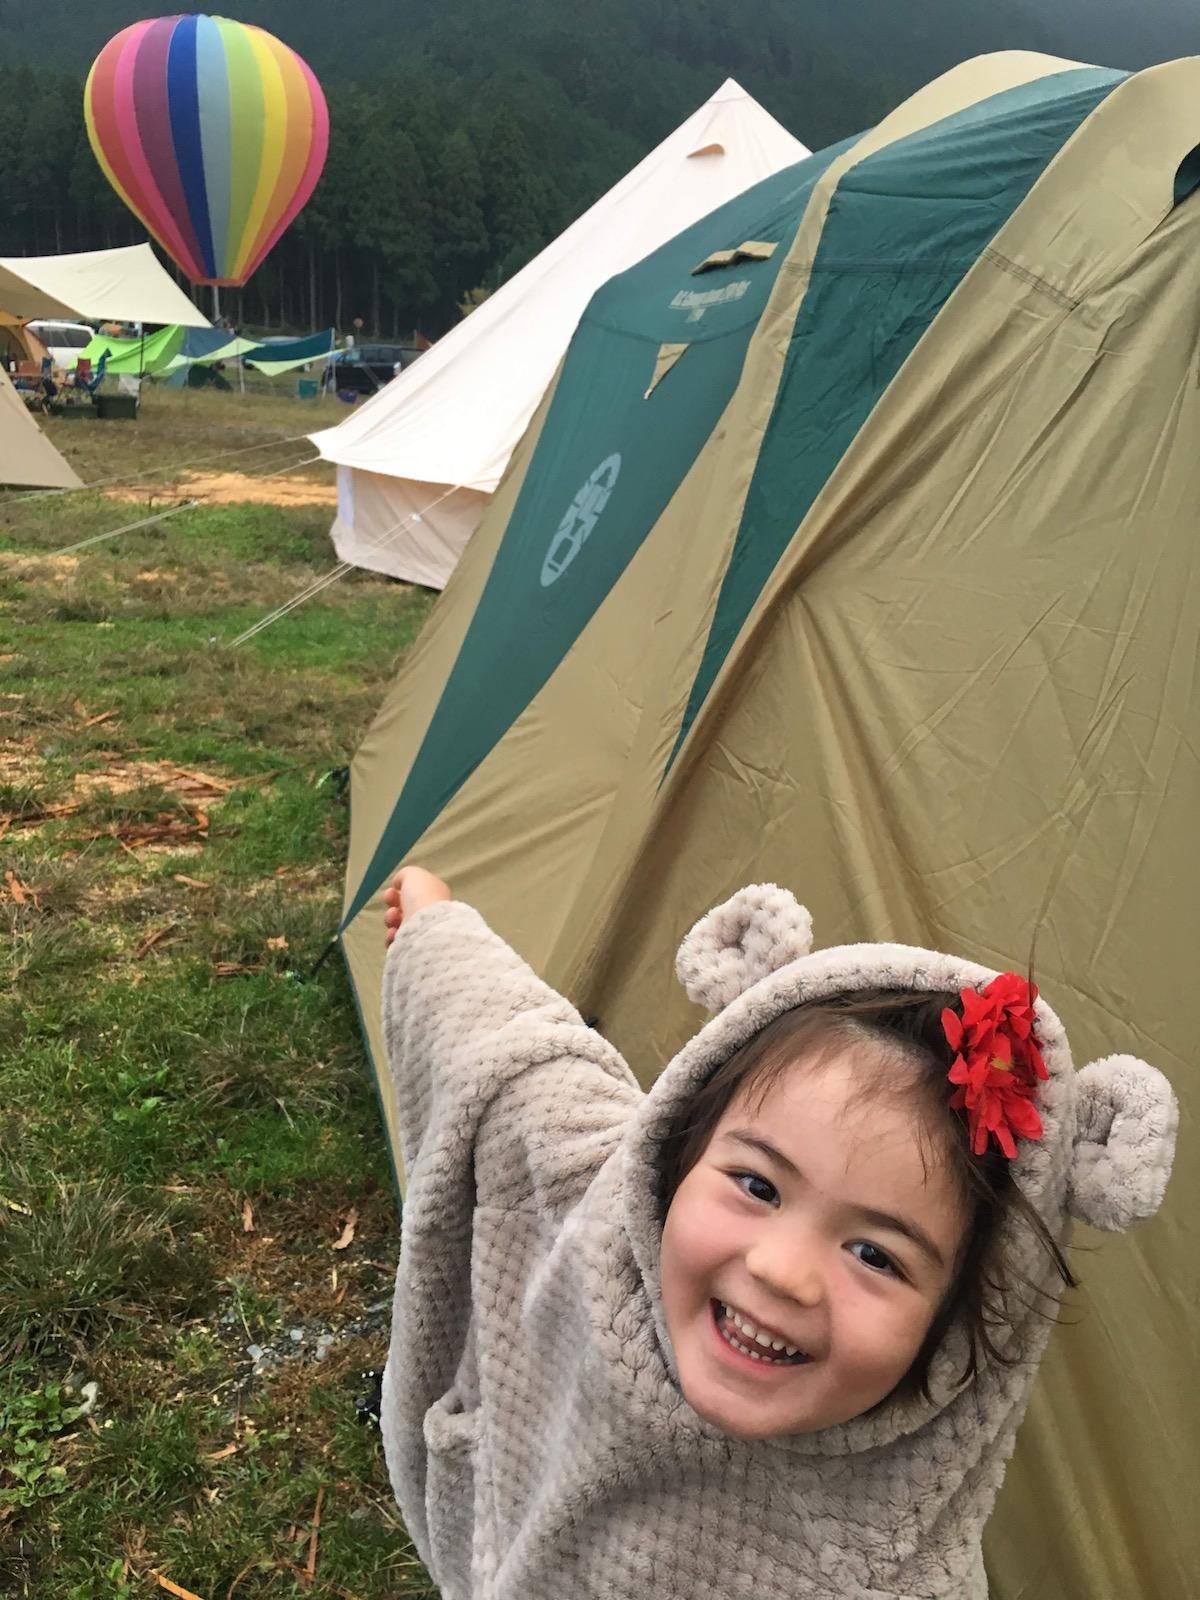 90 【こどもフジロック】朝霧Jam'18子連れフェス体験記〜3歳児とのキャンプ・イン・フェスの過ごし方〜